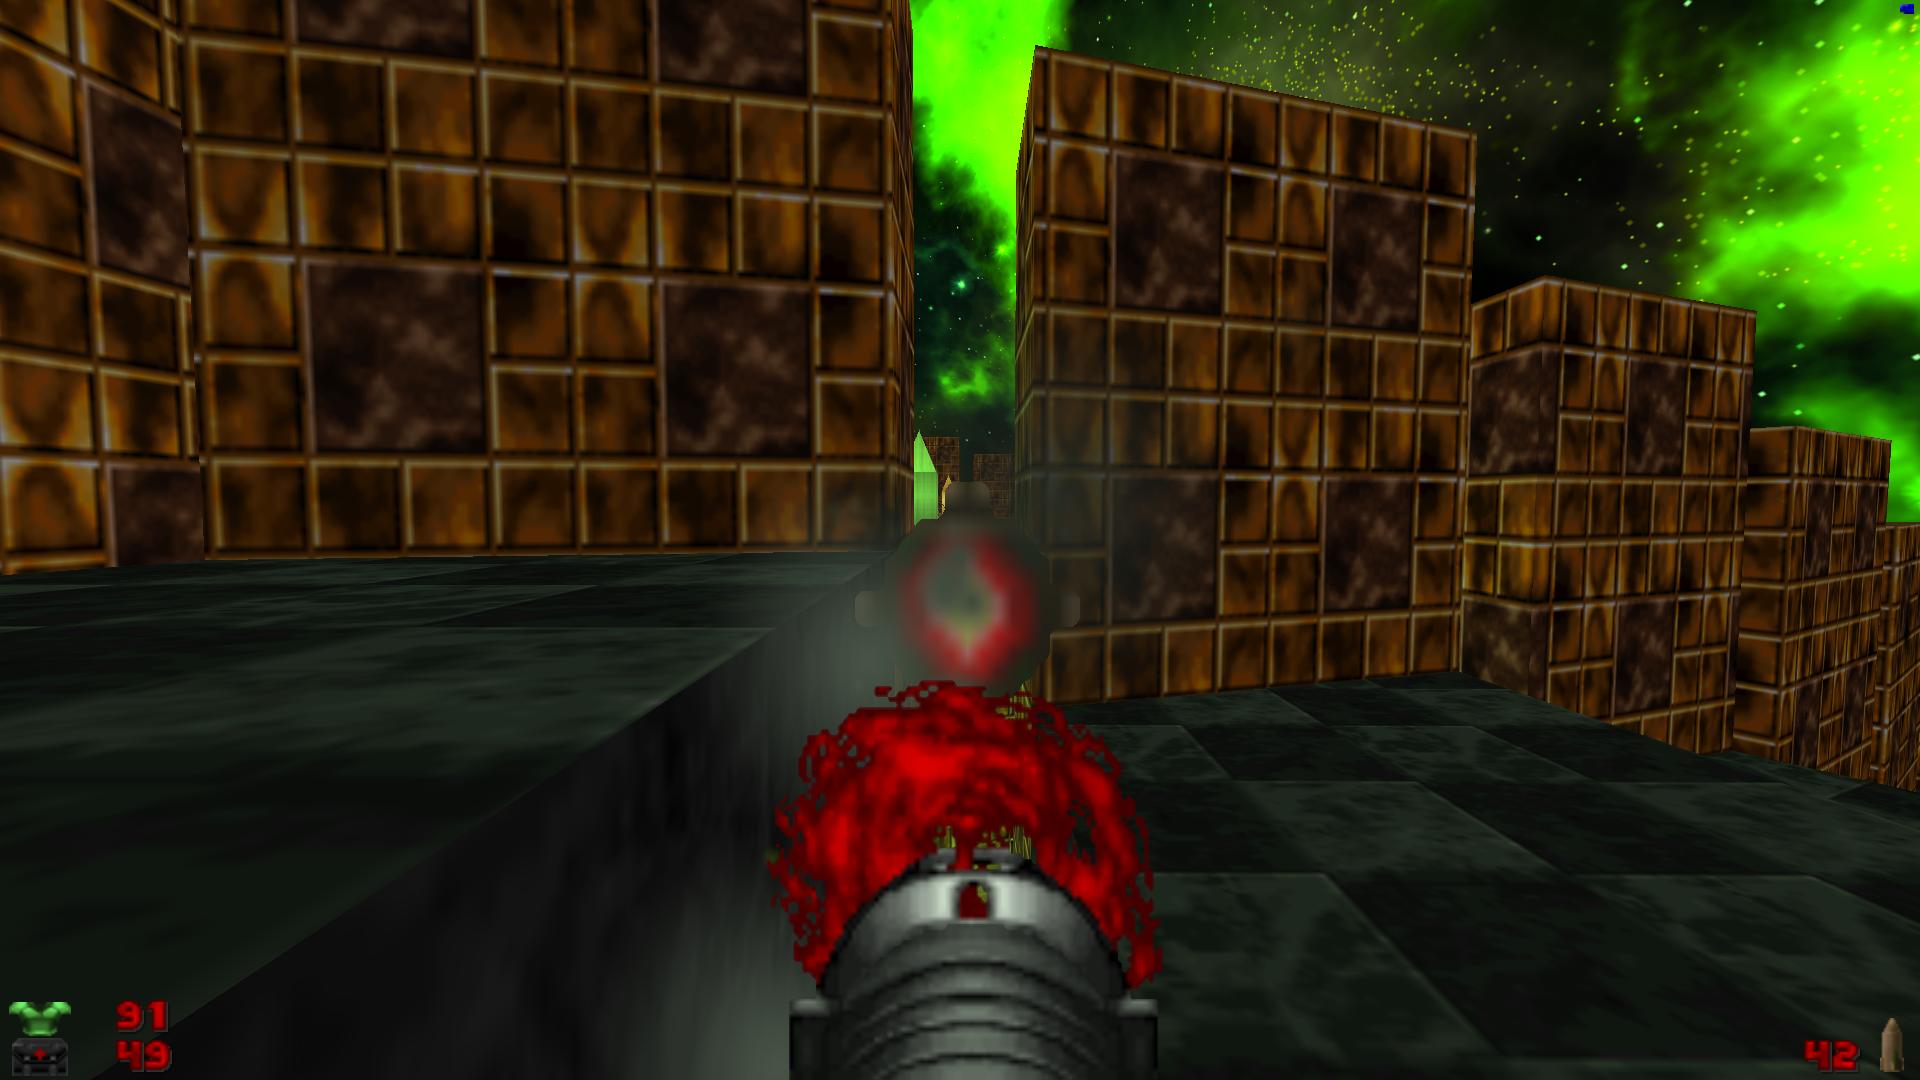 Screenshot_Doom_20200922_095011.png.359878a807c0b48a08a75de943788cd0.png